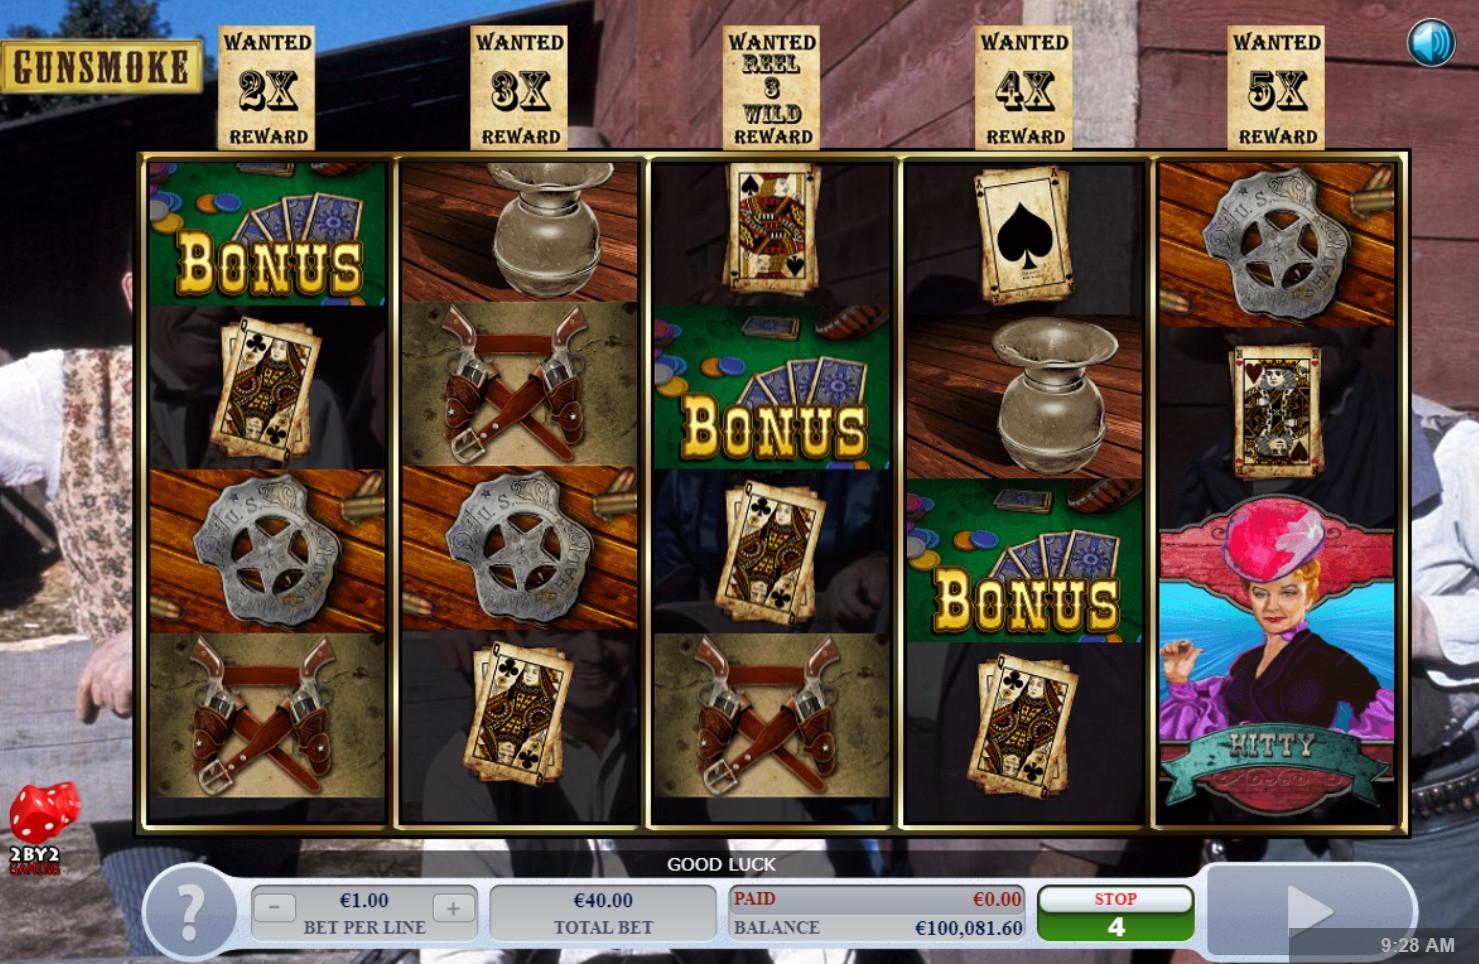 Gunsmoke Slot Machine